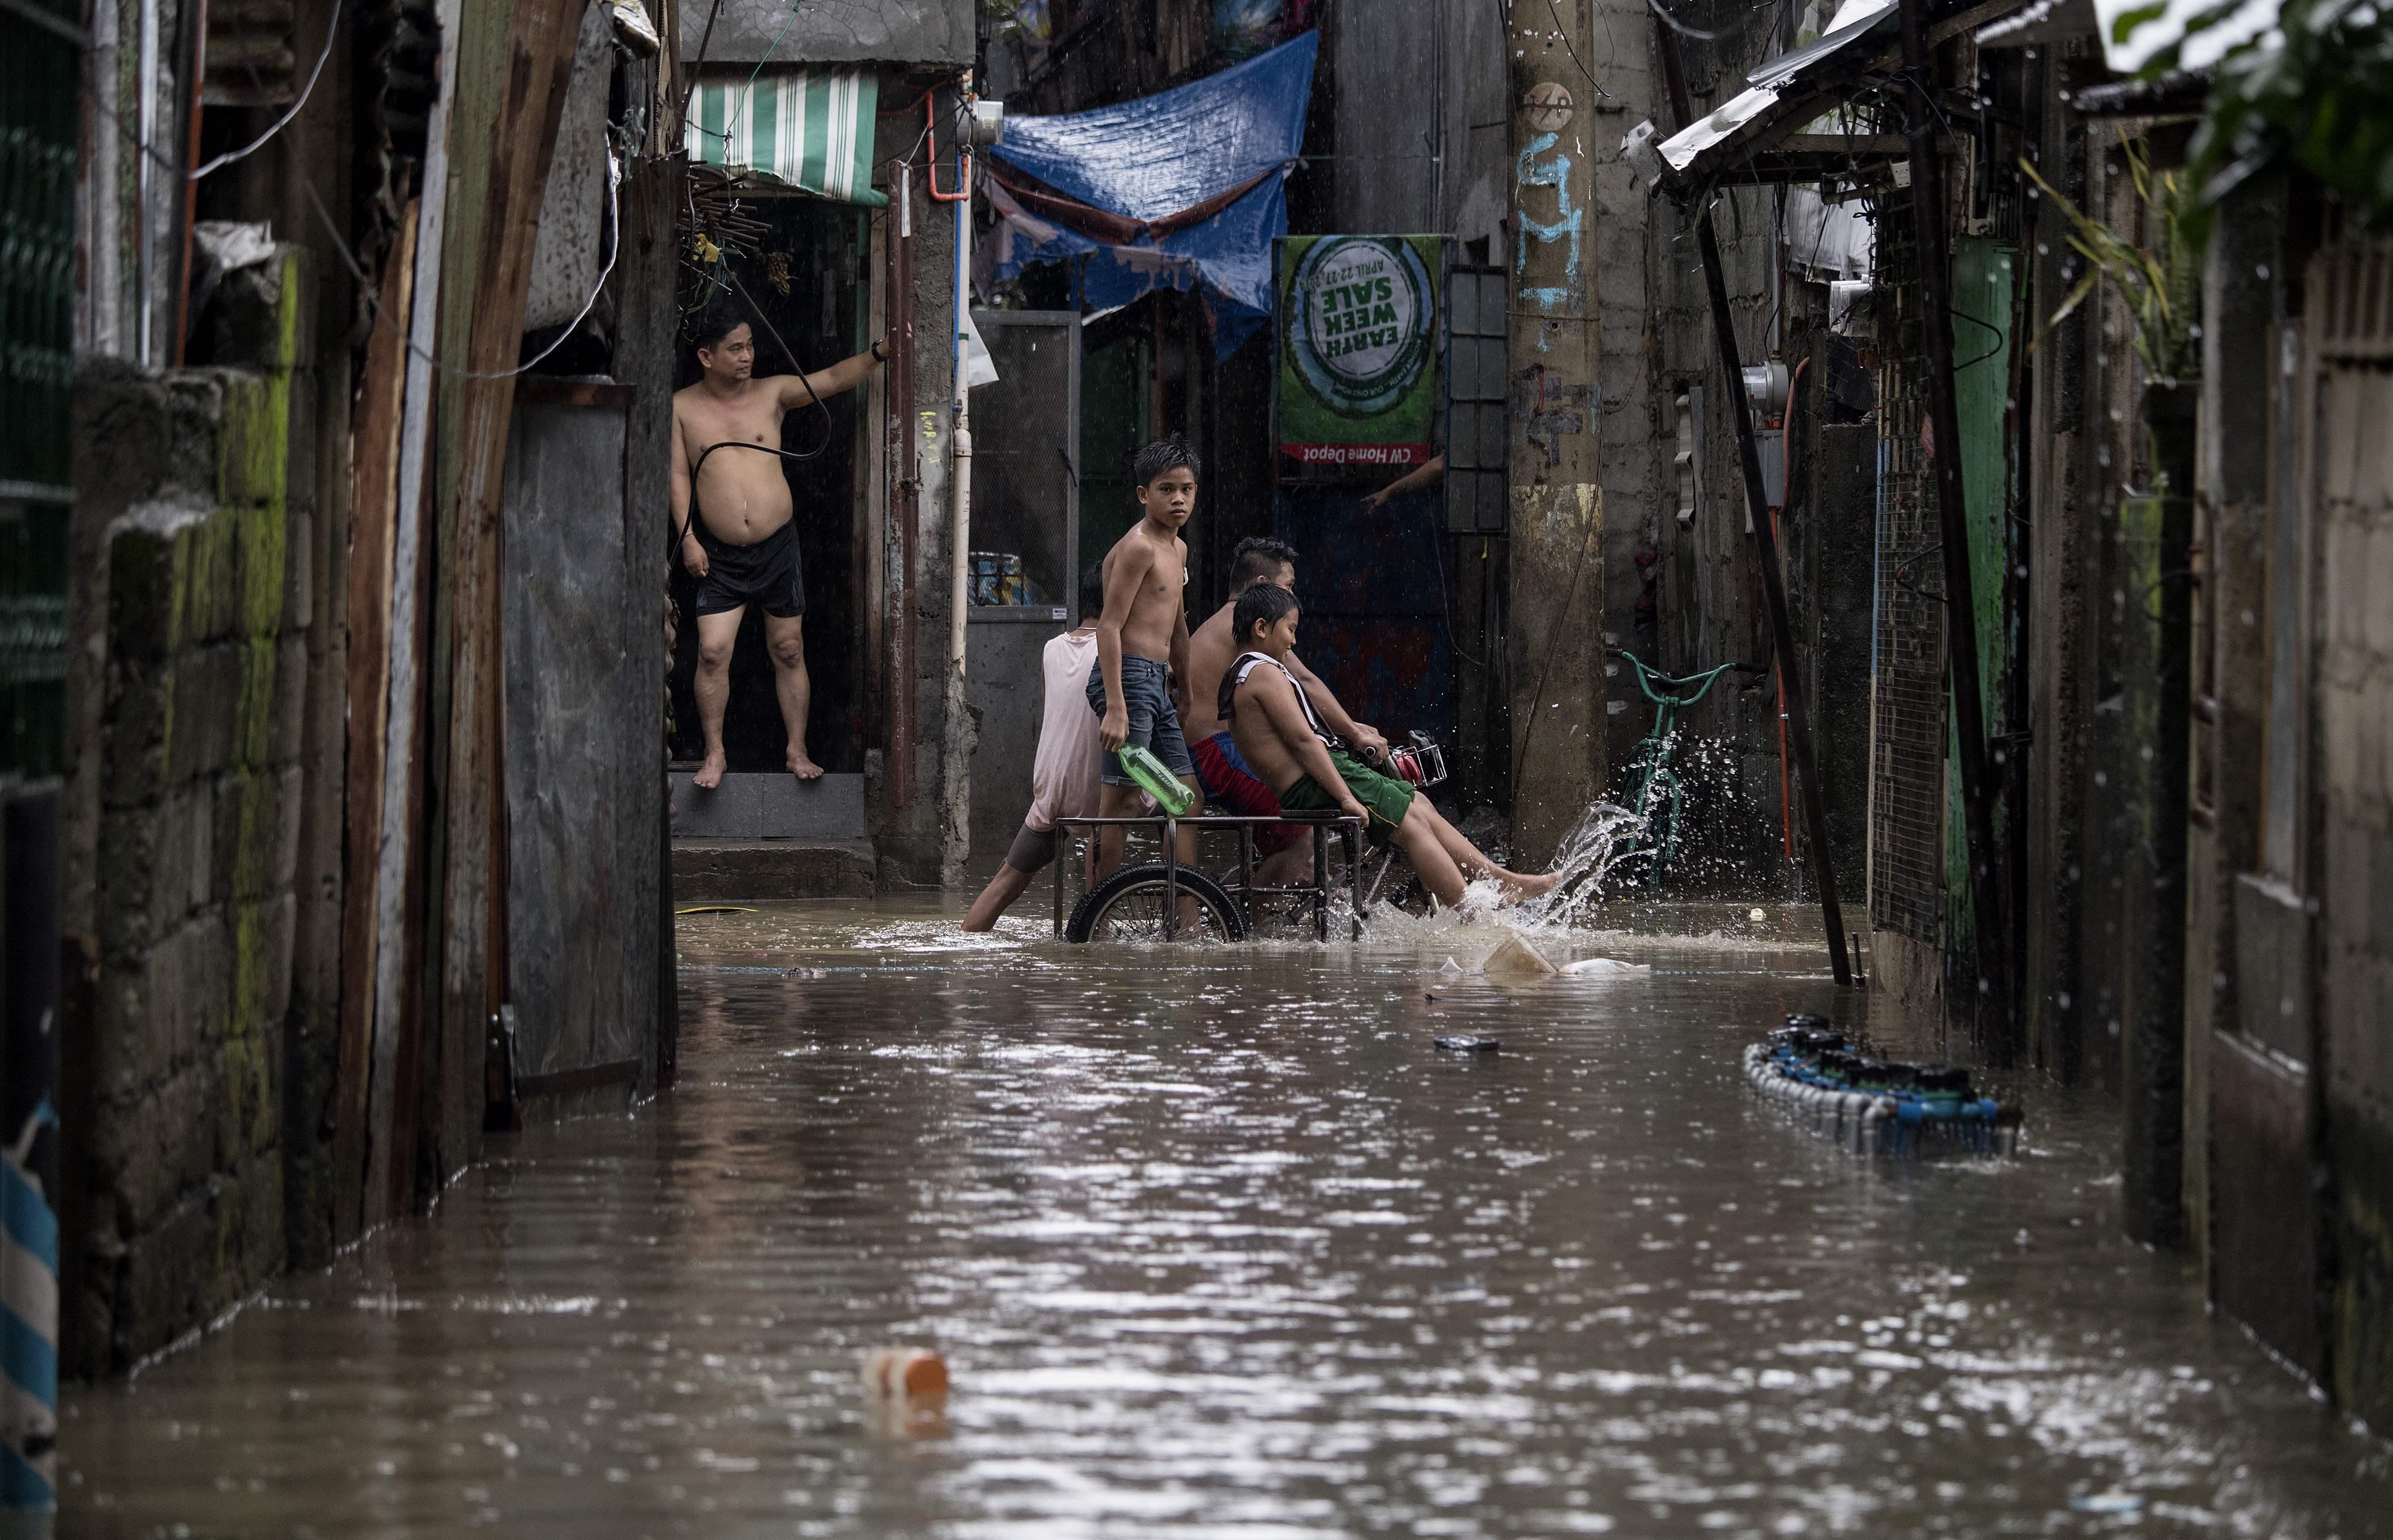 غرق شوارع عاصمة الفلبين